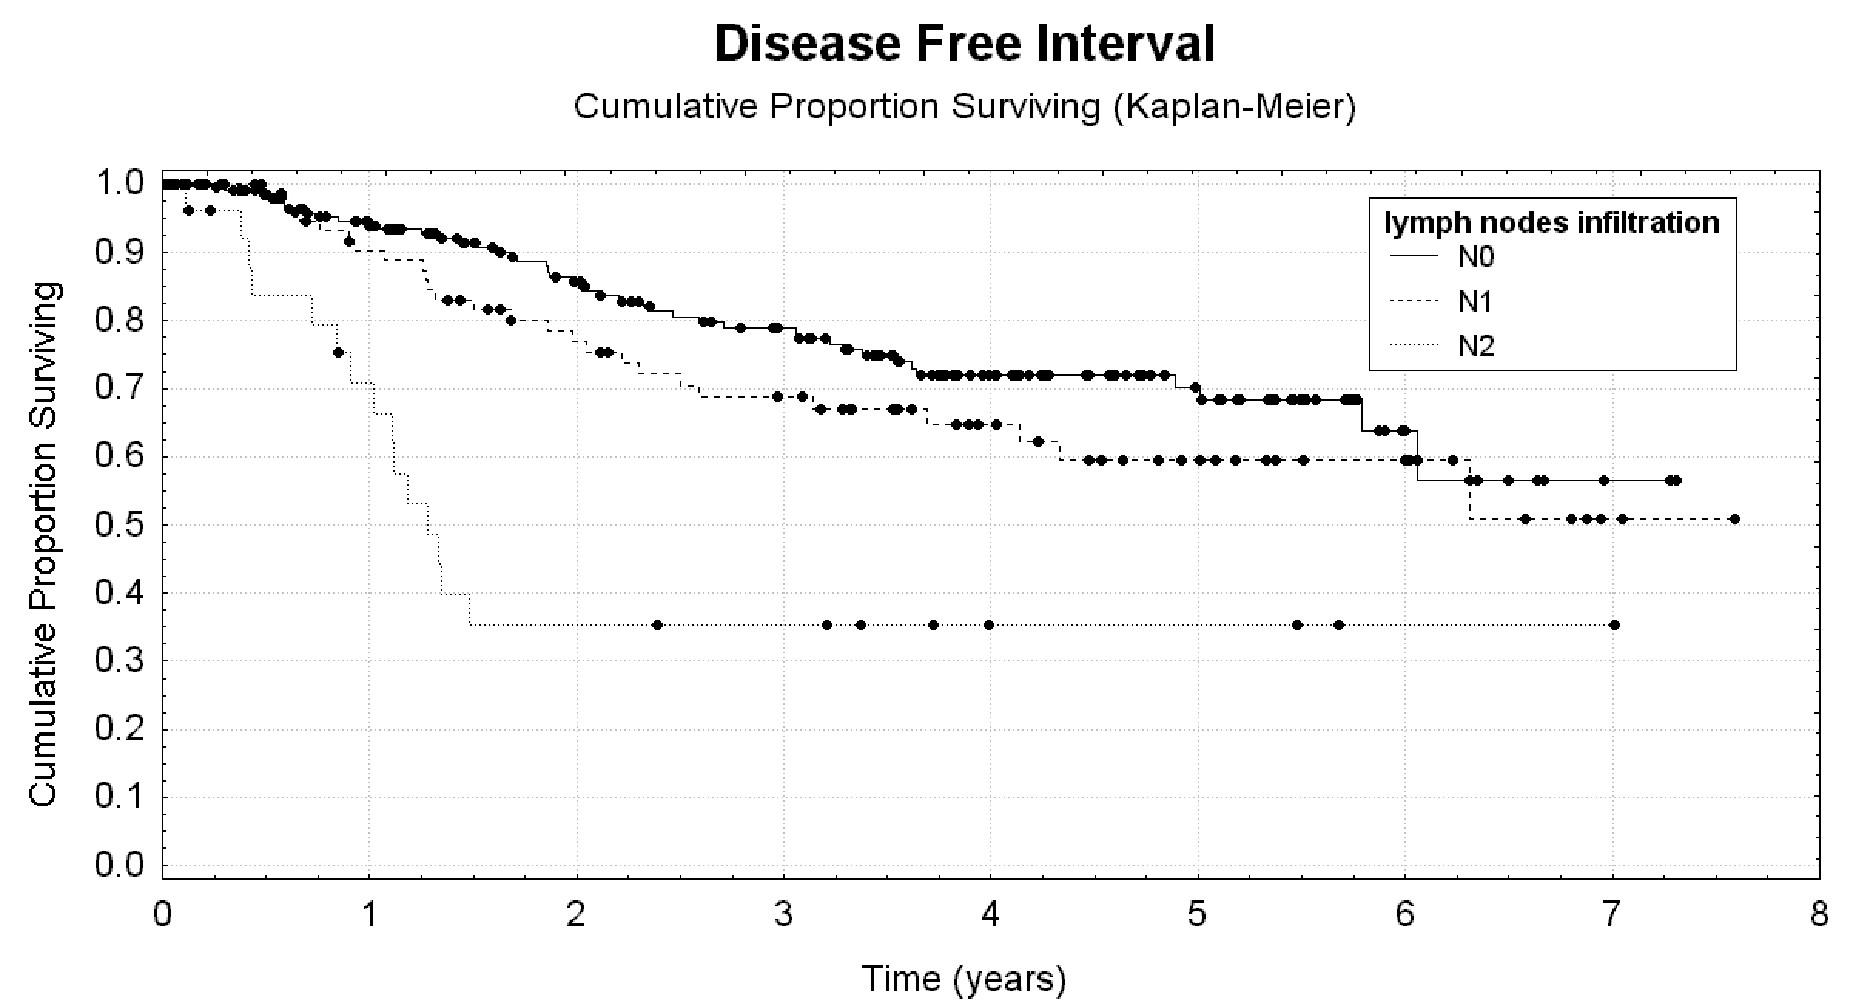 Uzlinové postižení jako rizikový faktor krátkého bezpříznakového přežití Graph 5: Lymph nodes infiltration as a risk factor for short disease free interval